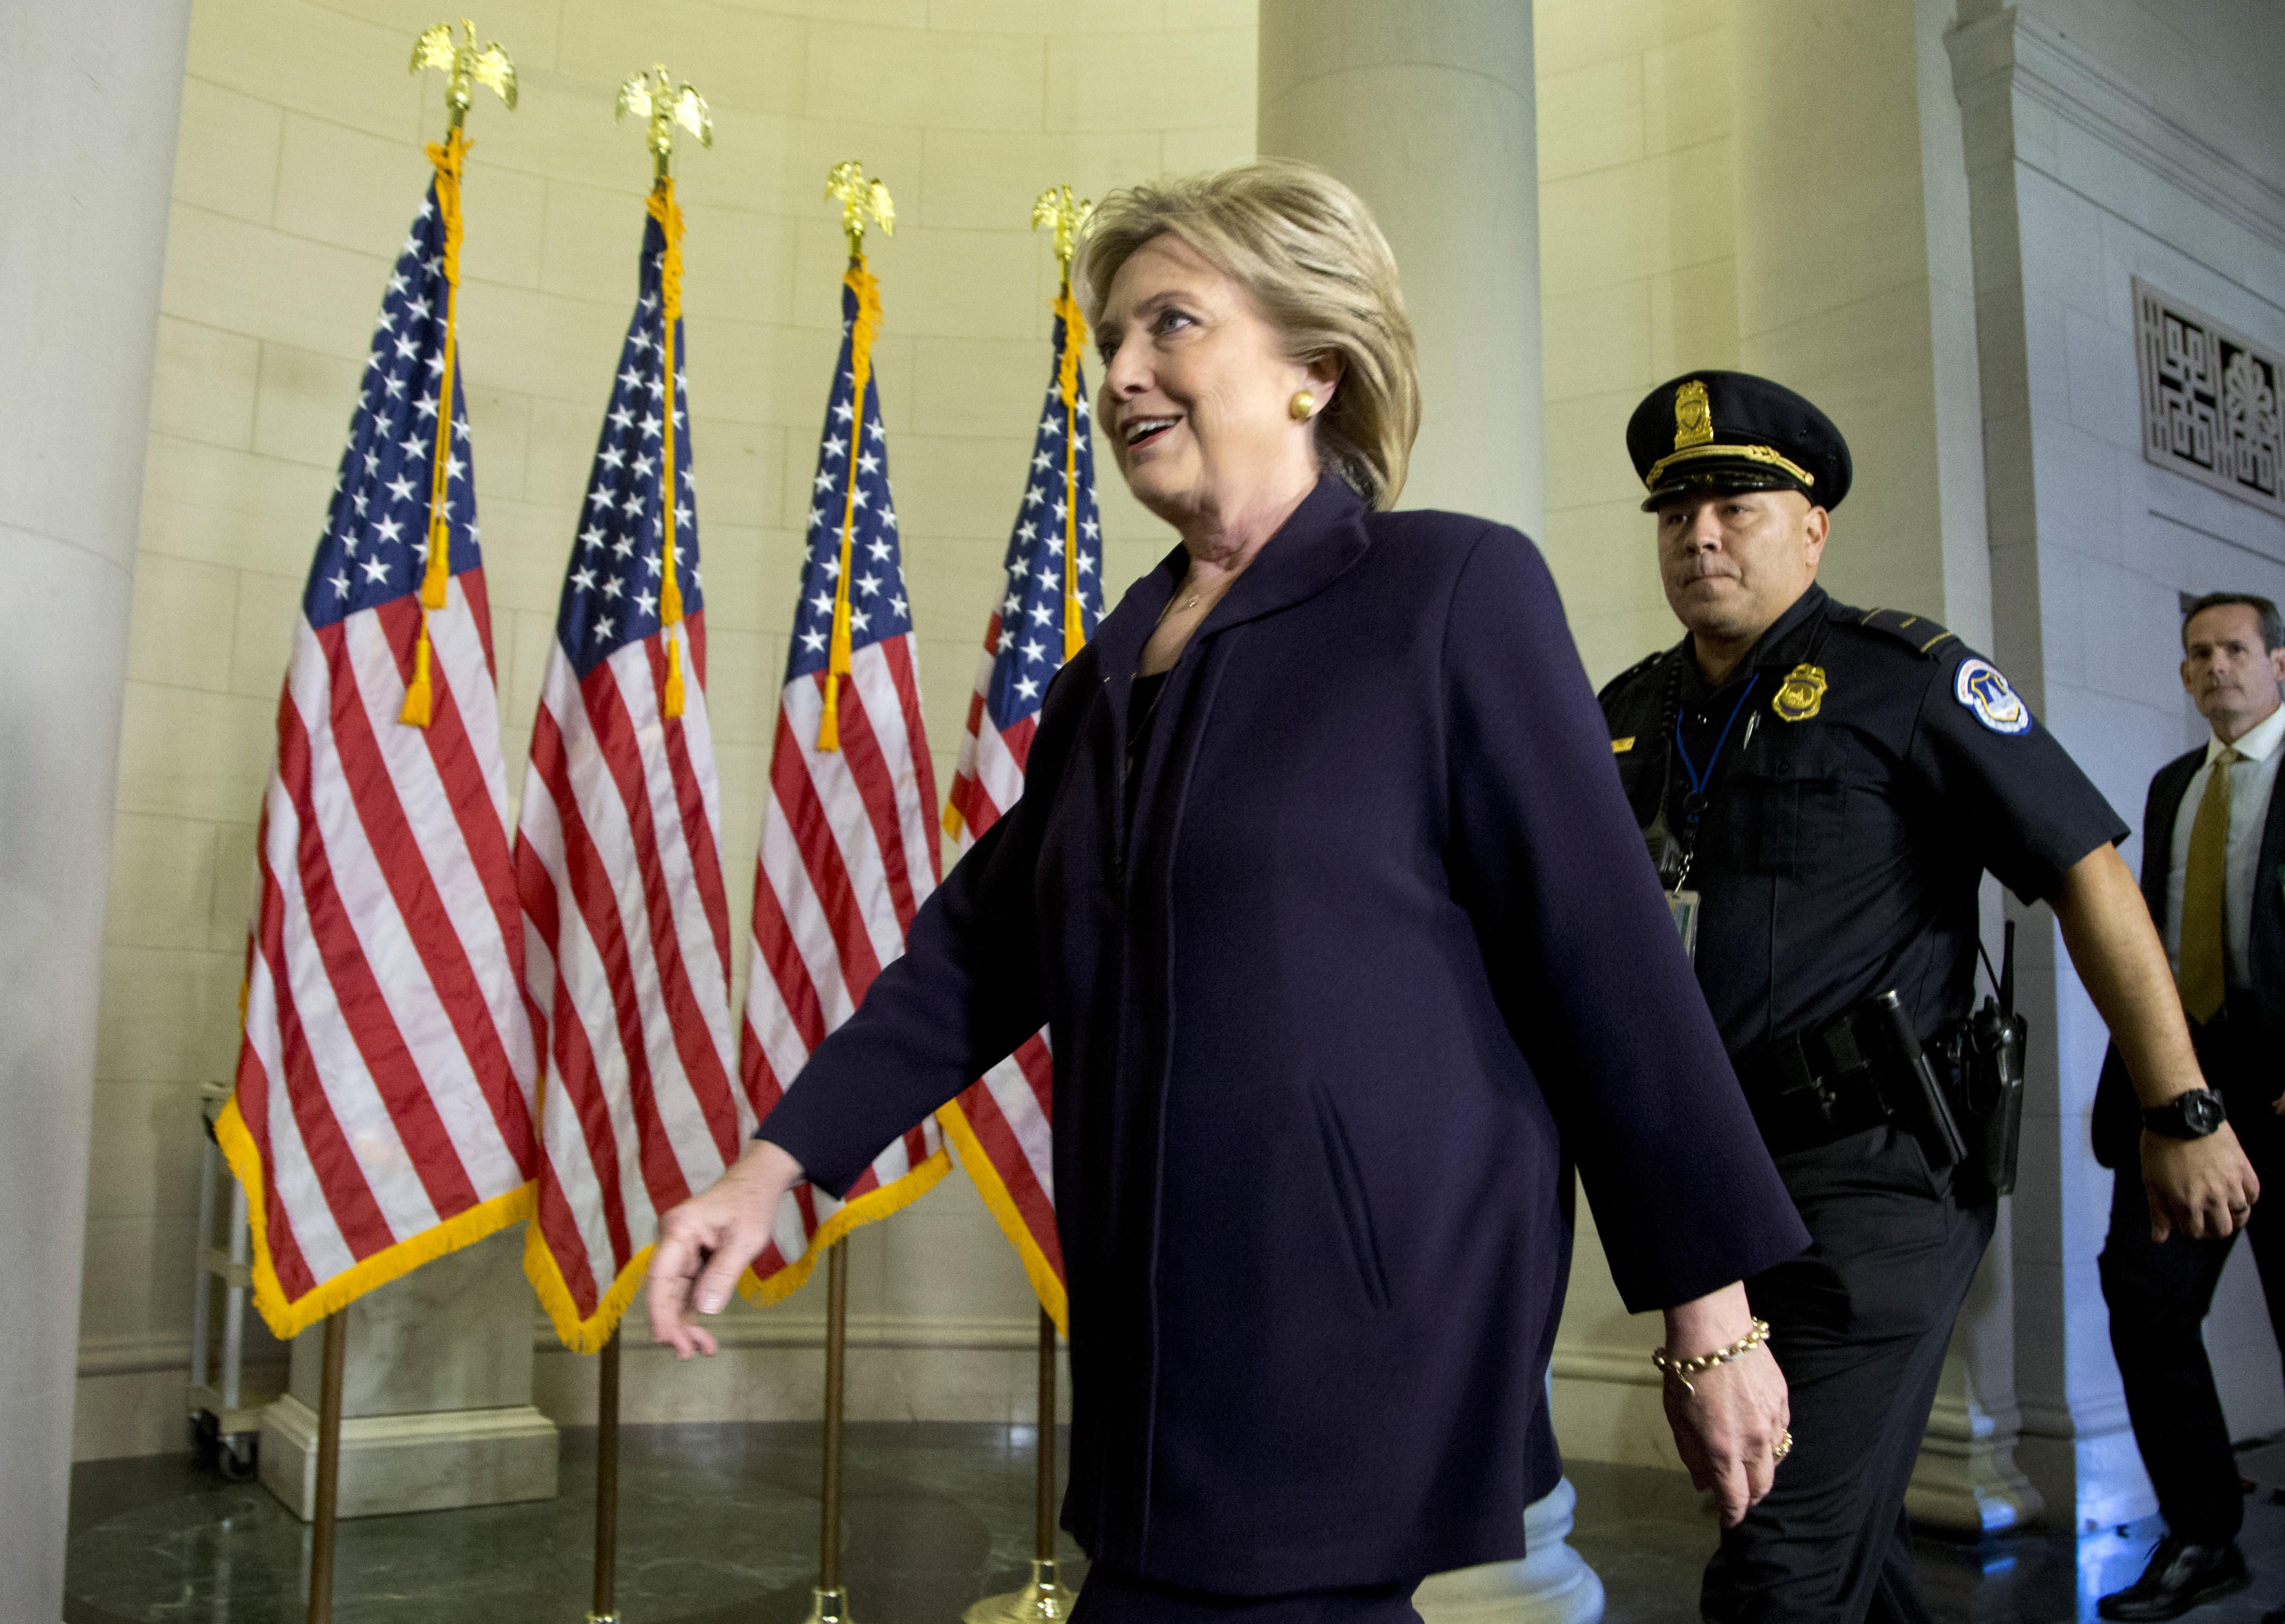 Benghazi summary of events